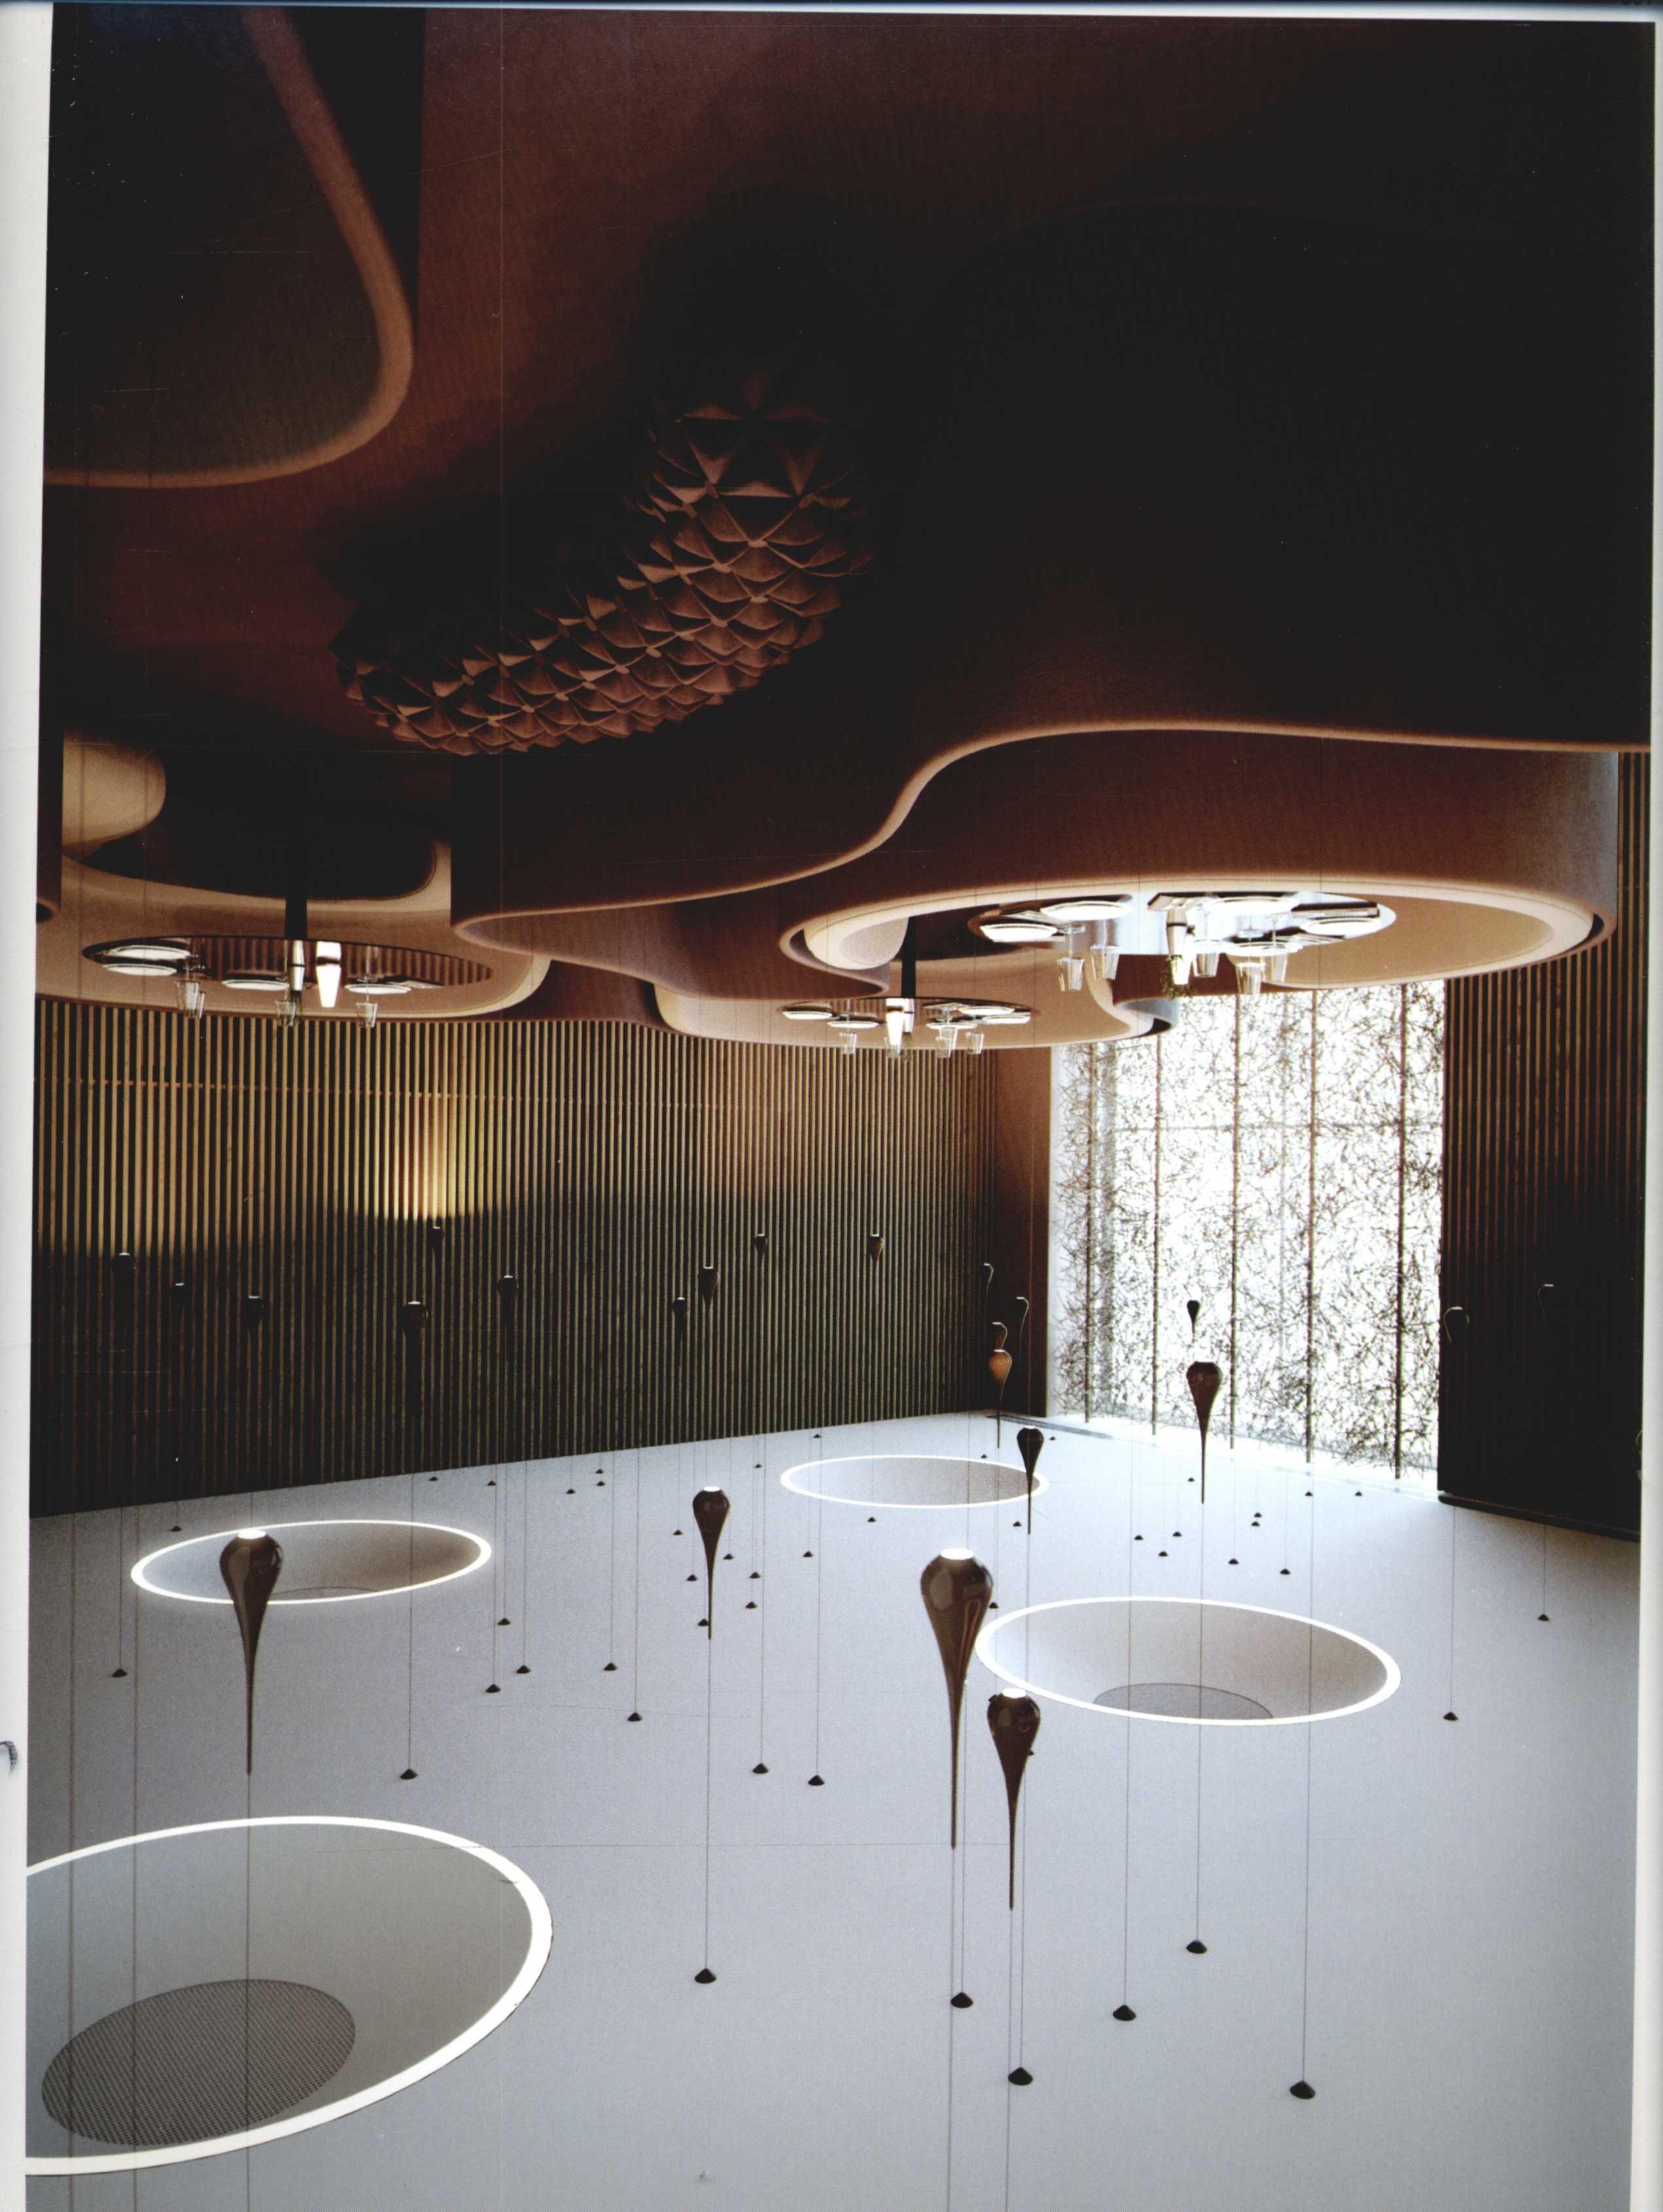 2012全球室内设计年鉴  餐饮_Page_157.jpg